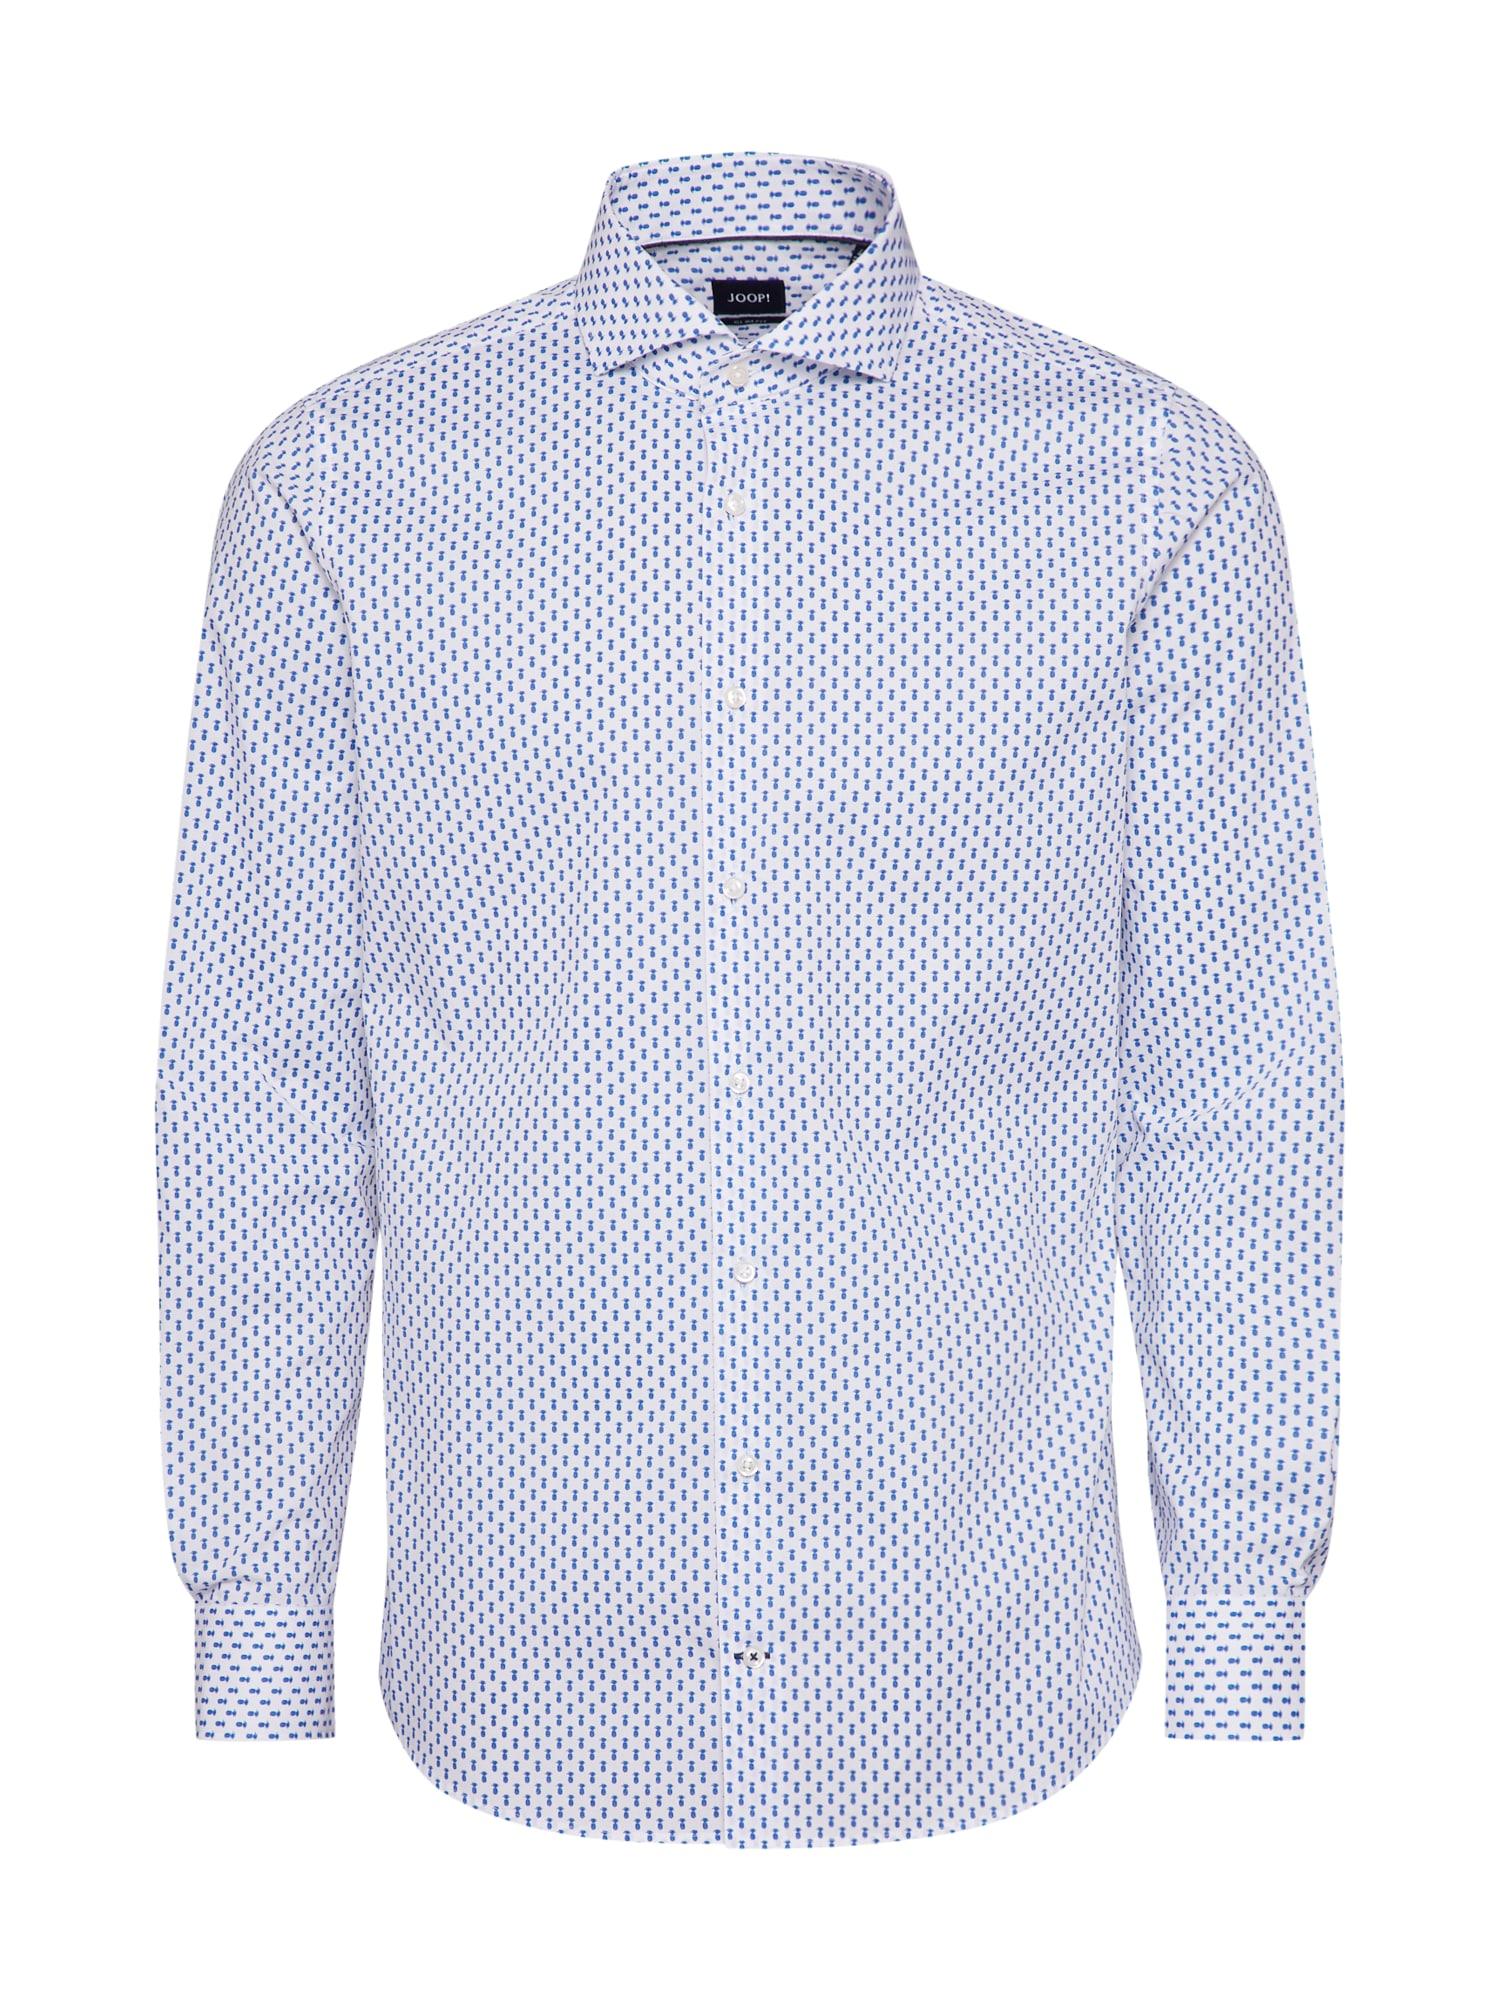 Košile Pajos modrá bílá JOOP!